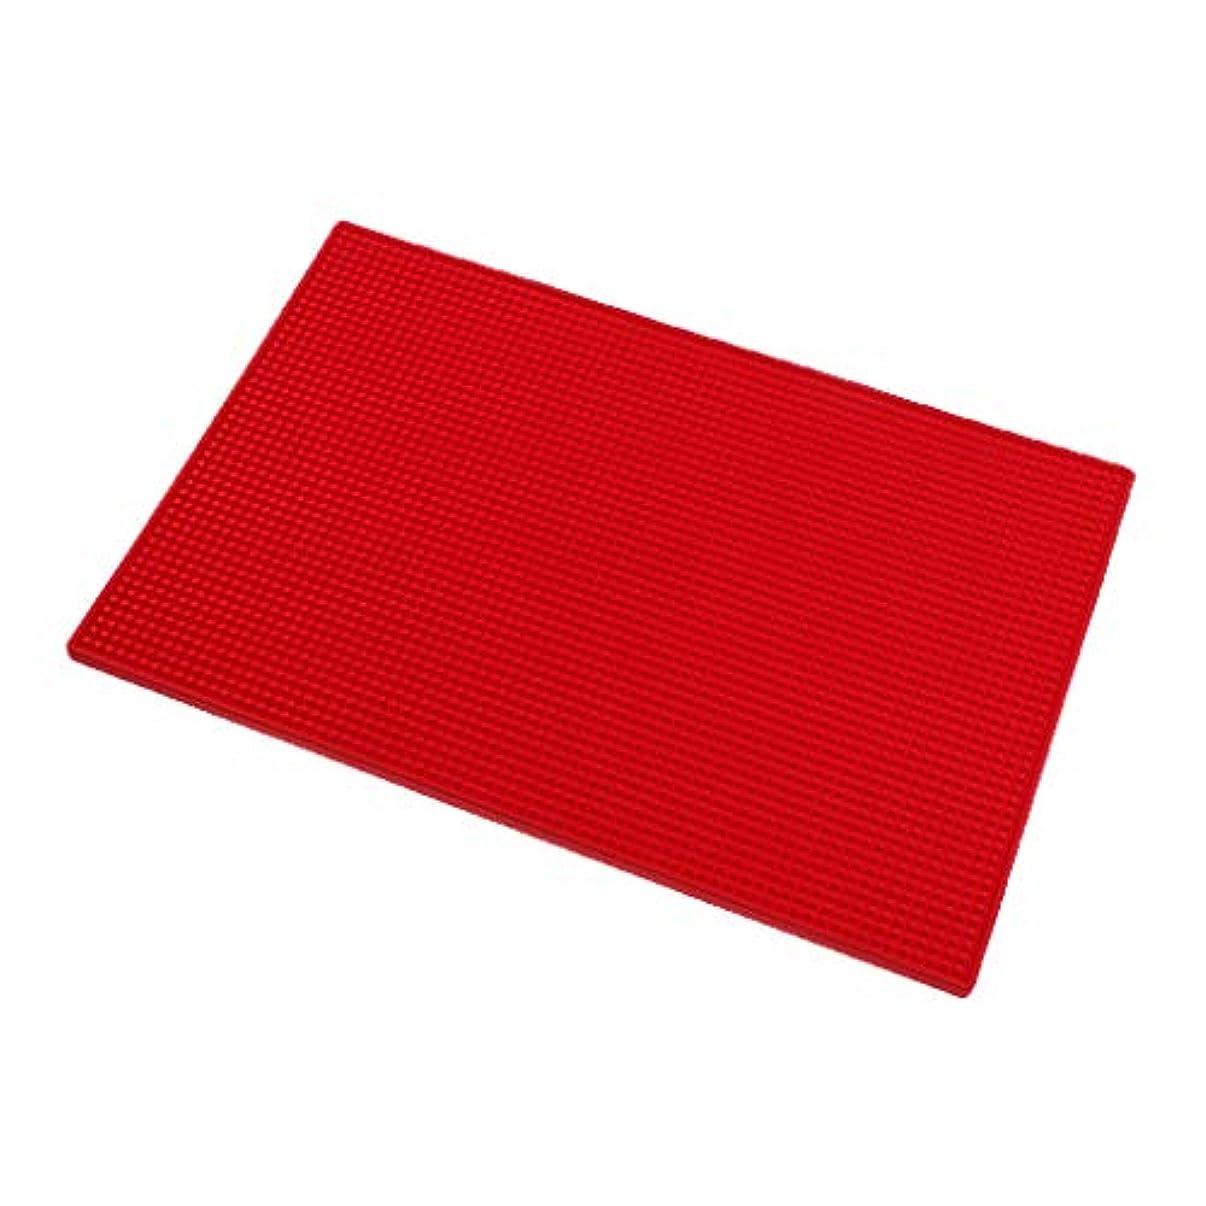 デコードするレジベースP Prettyia クッション シリコンマット ネイルアート ハンドレスト マニキュアツール 全3色 - 赤